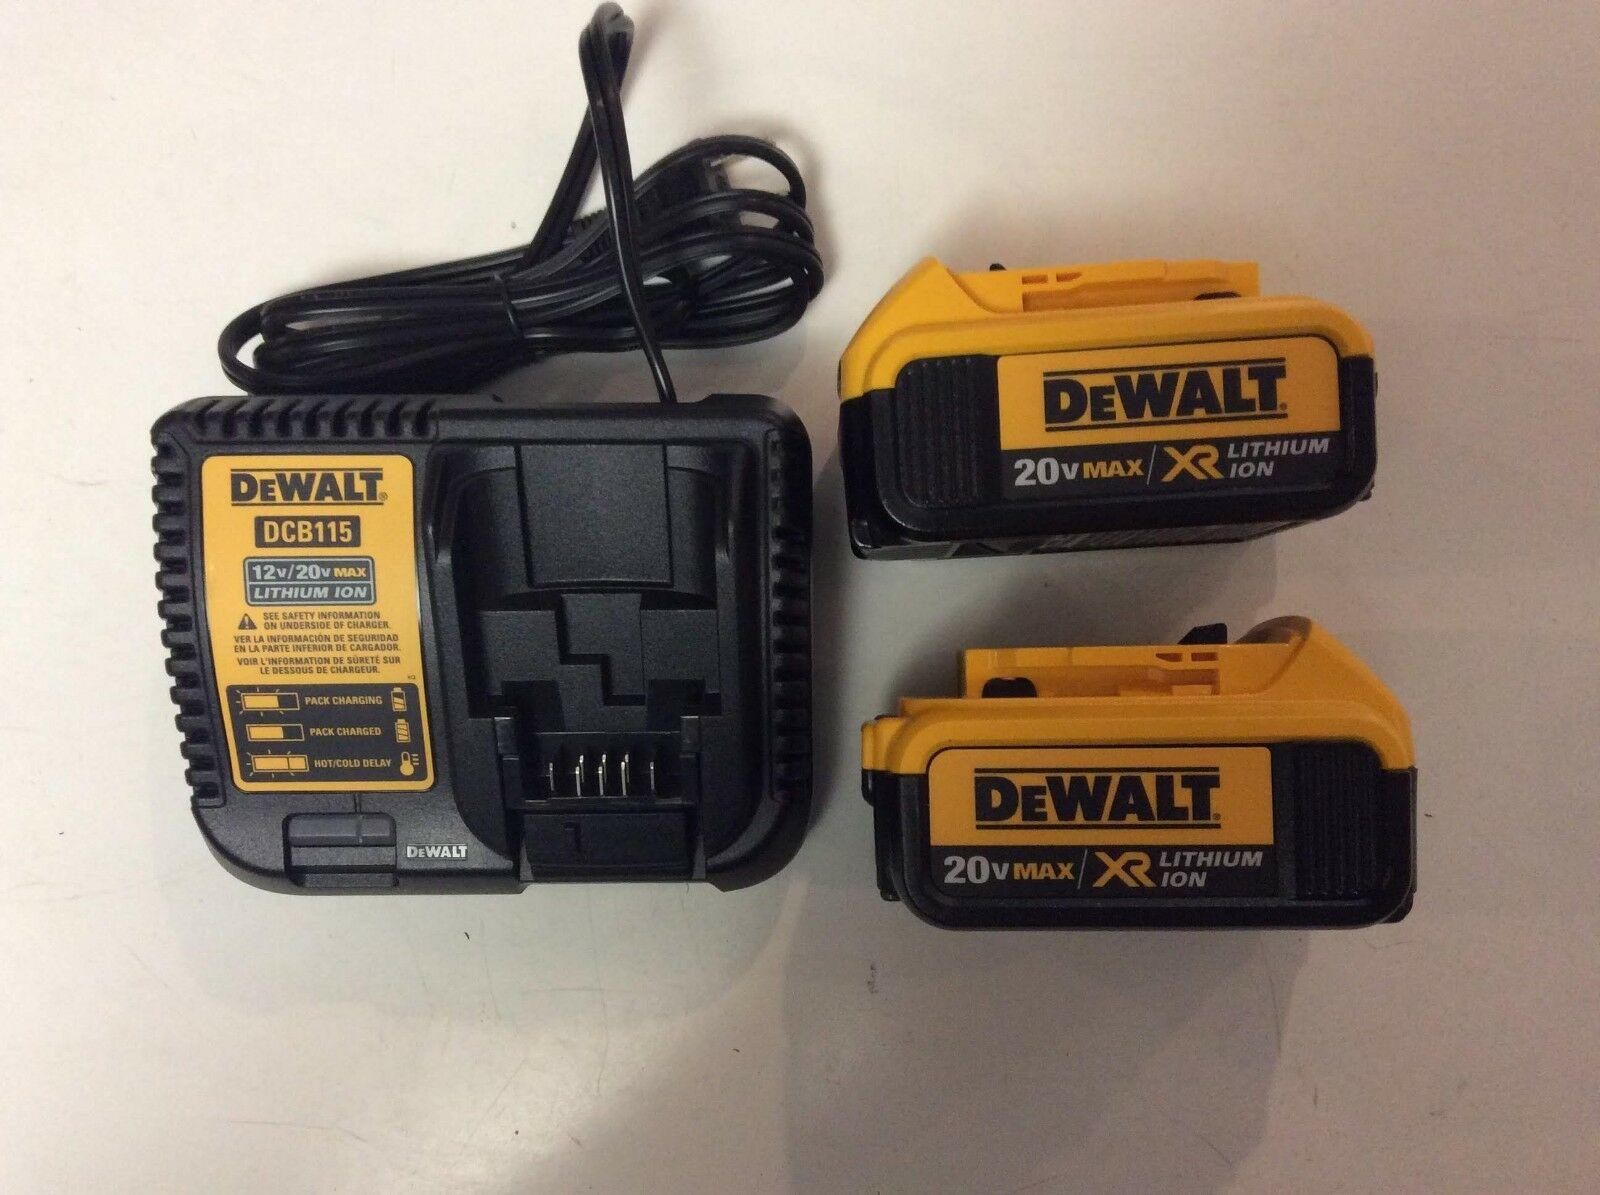 DEWALT 20V 20 VOLT XR Lithium Ion 4.0 AH DCB204-2 & DCB115 Charger Combo Set NEW